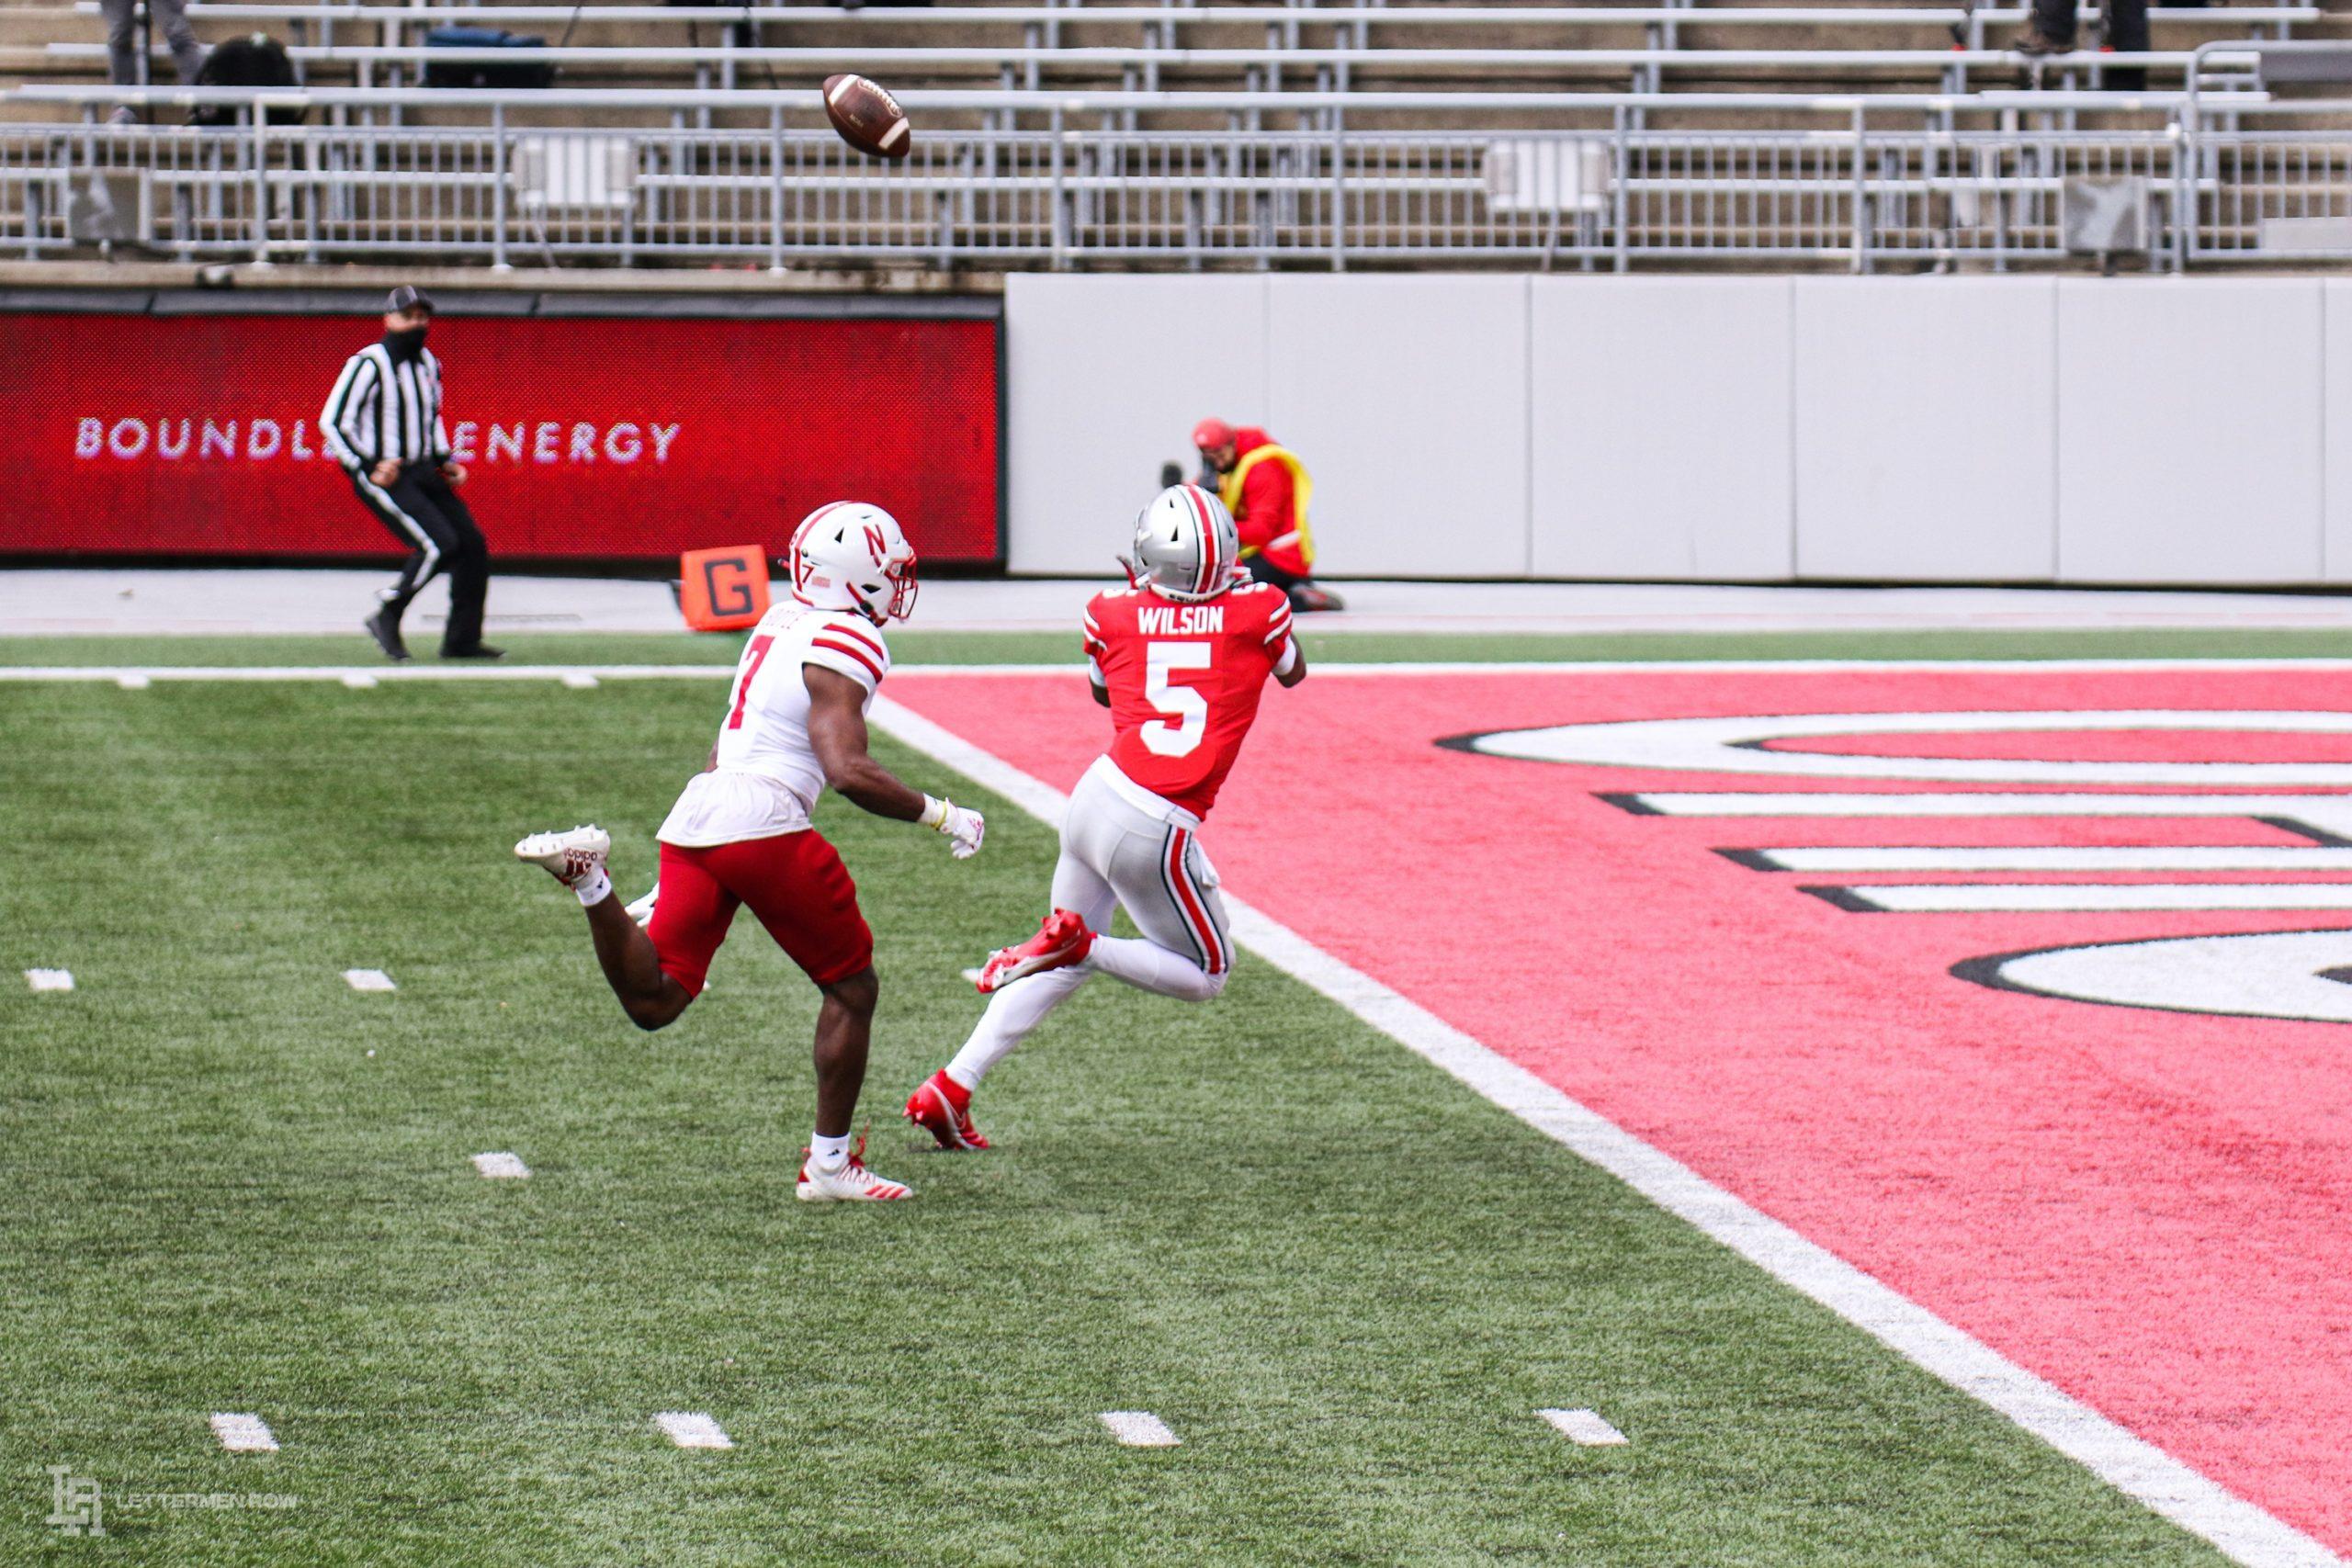 Ohio State-Garrett Wilson-Buckeyes-Ohio State football